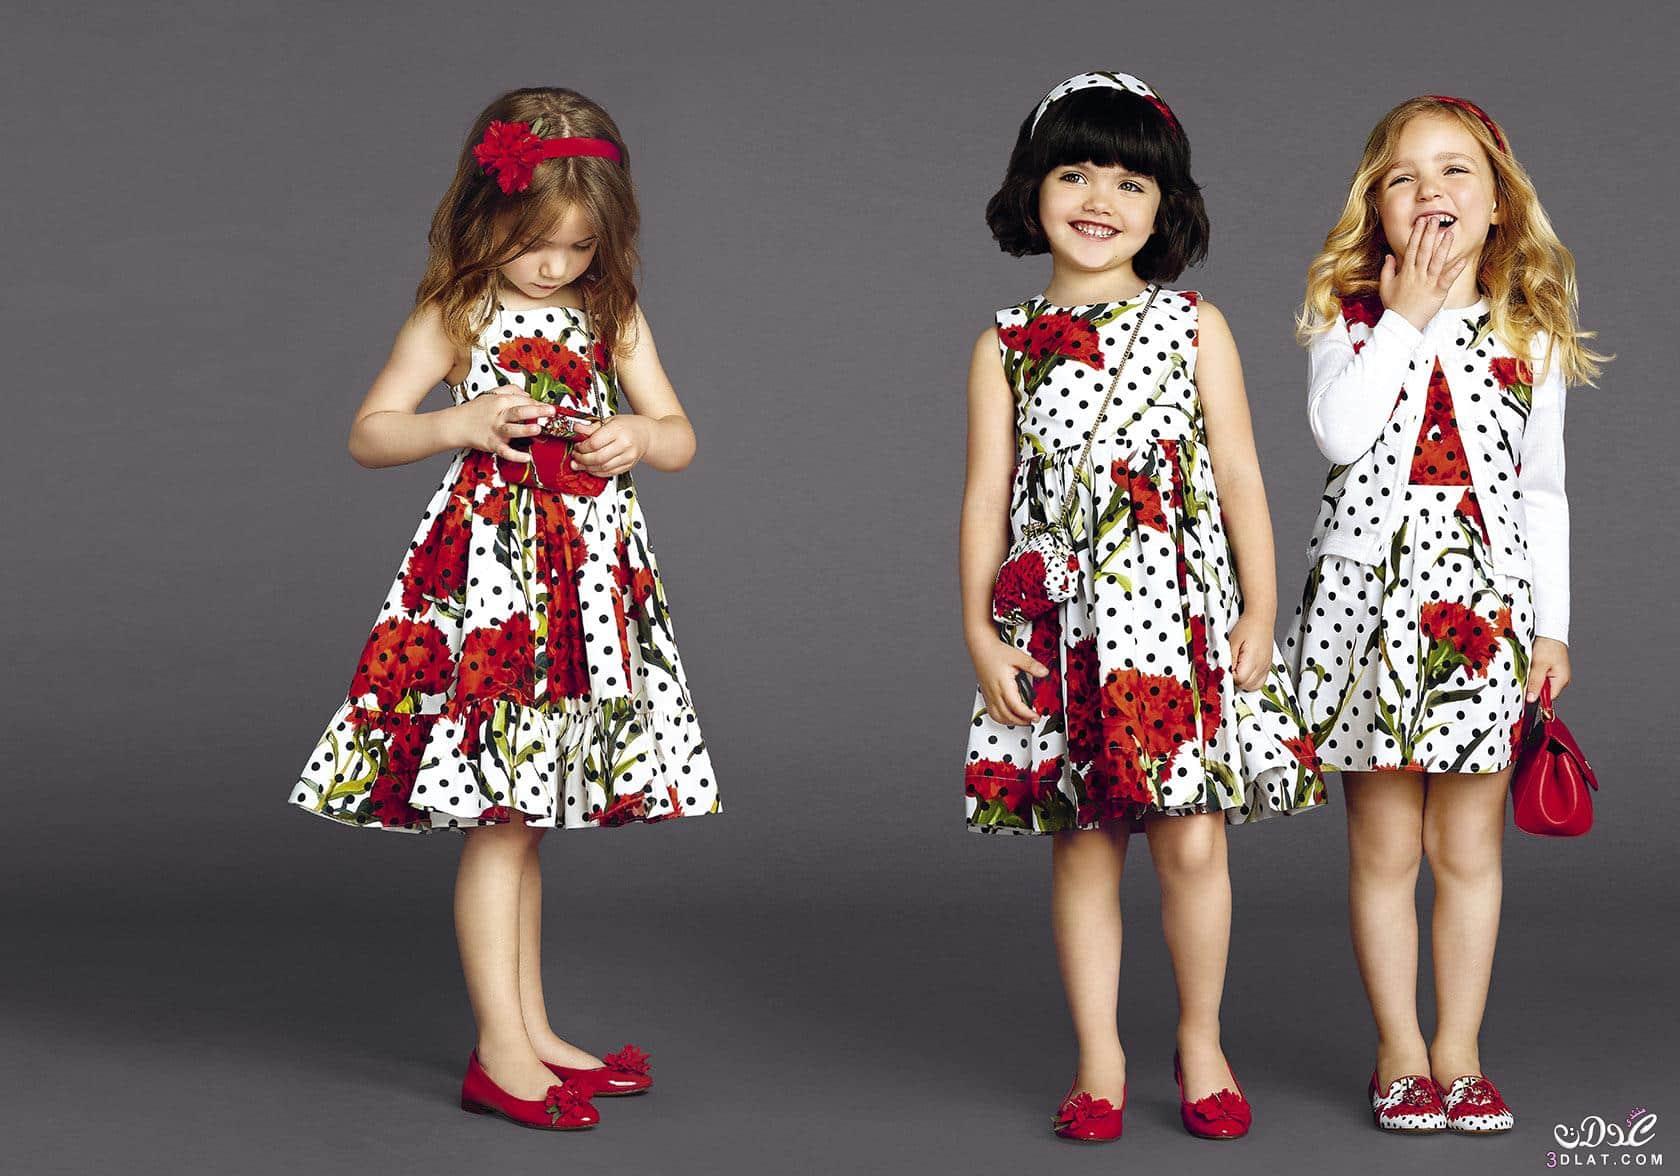 صور أحدث أزياء عيد الفطر للبنات متنوعة